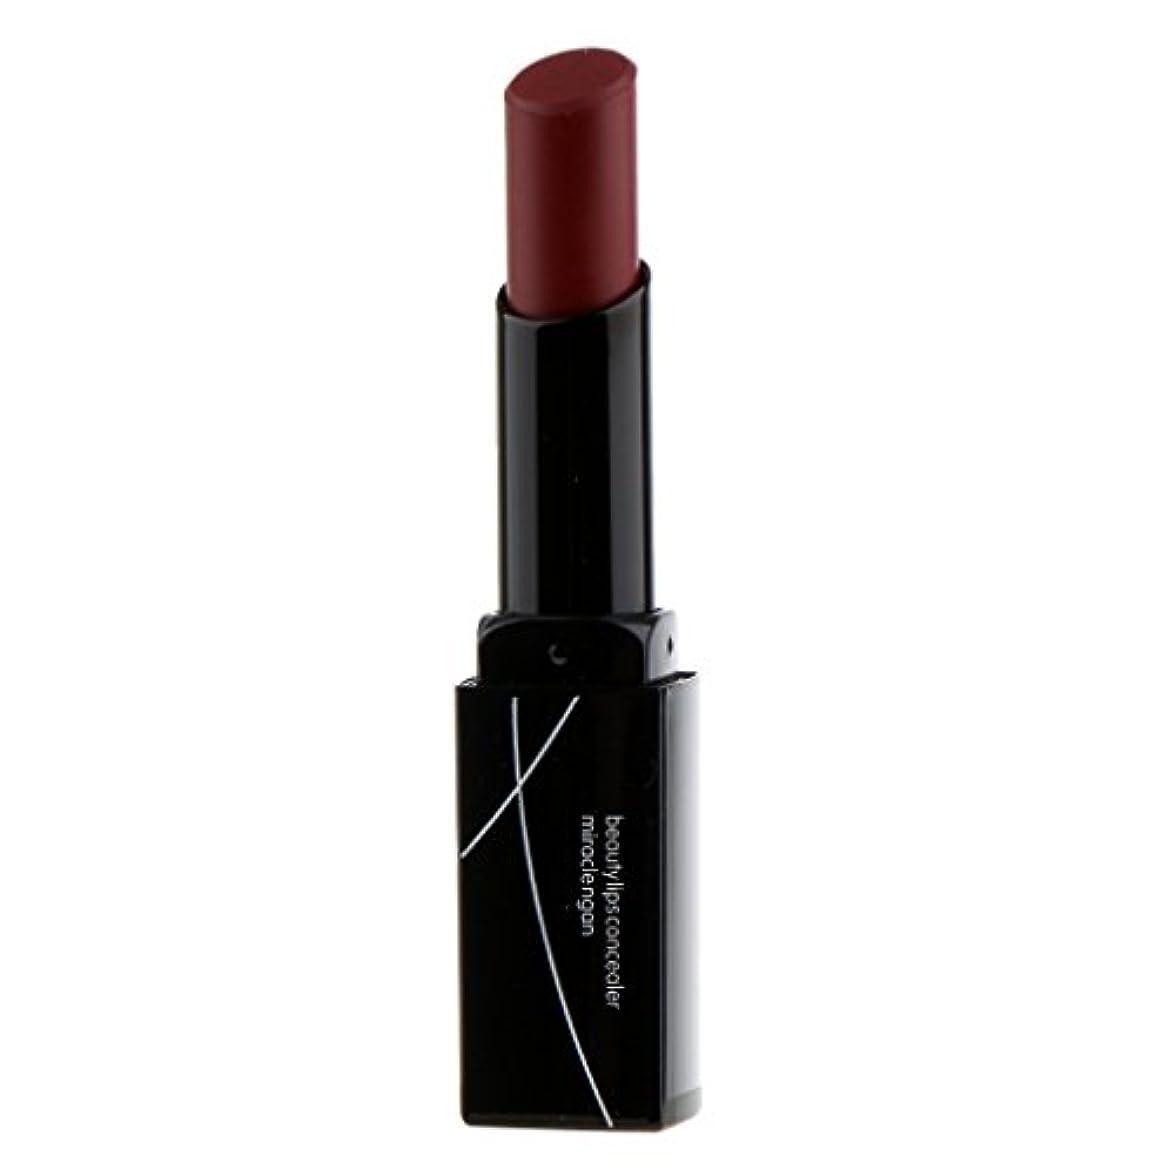 アンタゴニスト霜可聴女性マットベルベットヌード鉛筆口紅リップグロス防水永続的なメイク - 暗赤色